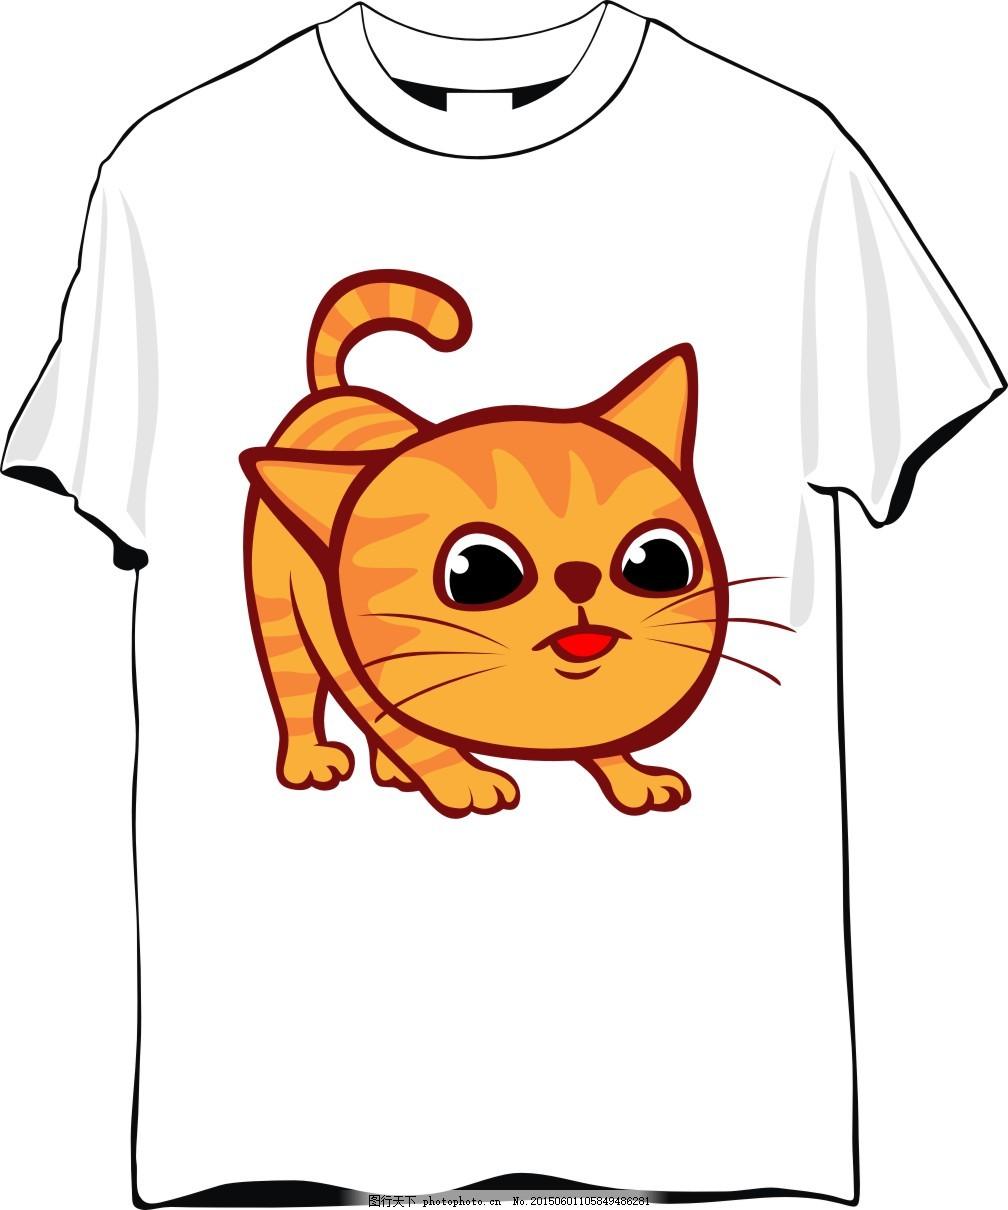 小动物可爱t恤 白色 涂鸦 手绘 彩色 卡通 矢量图